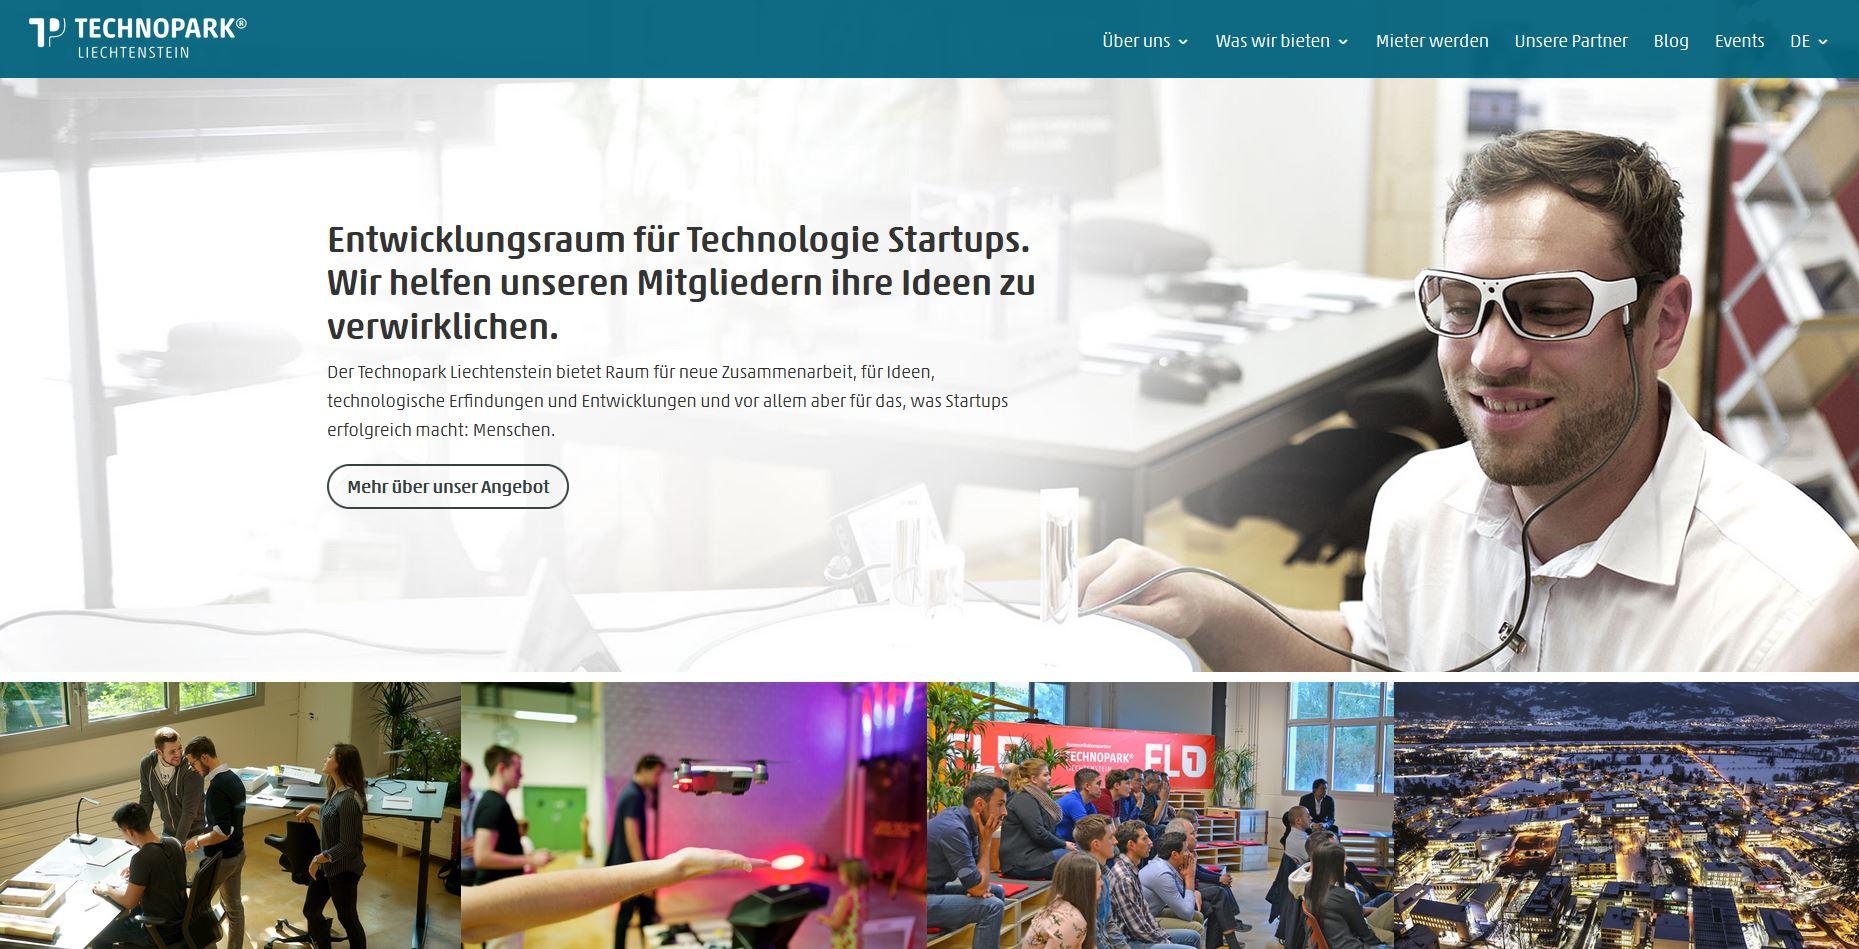 Technopark Liechtenstein - Startups rund um den Bodensee